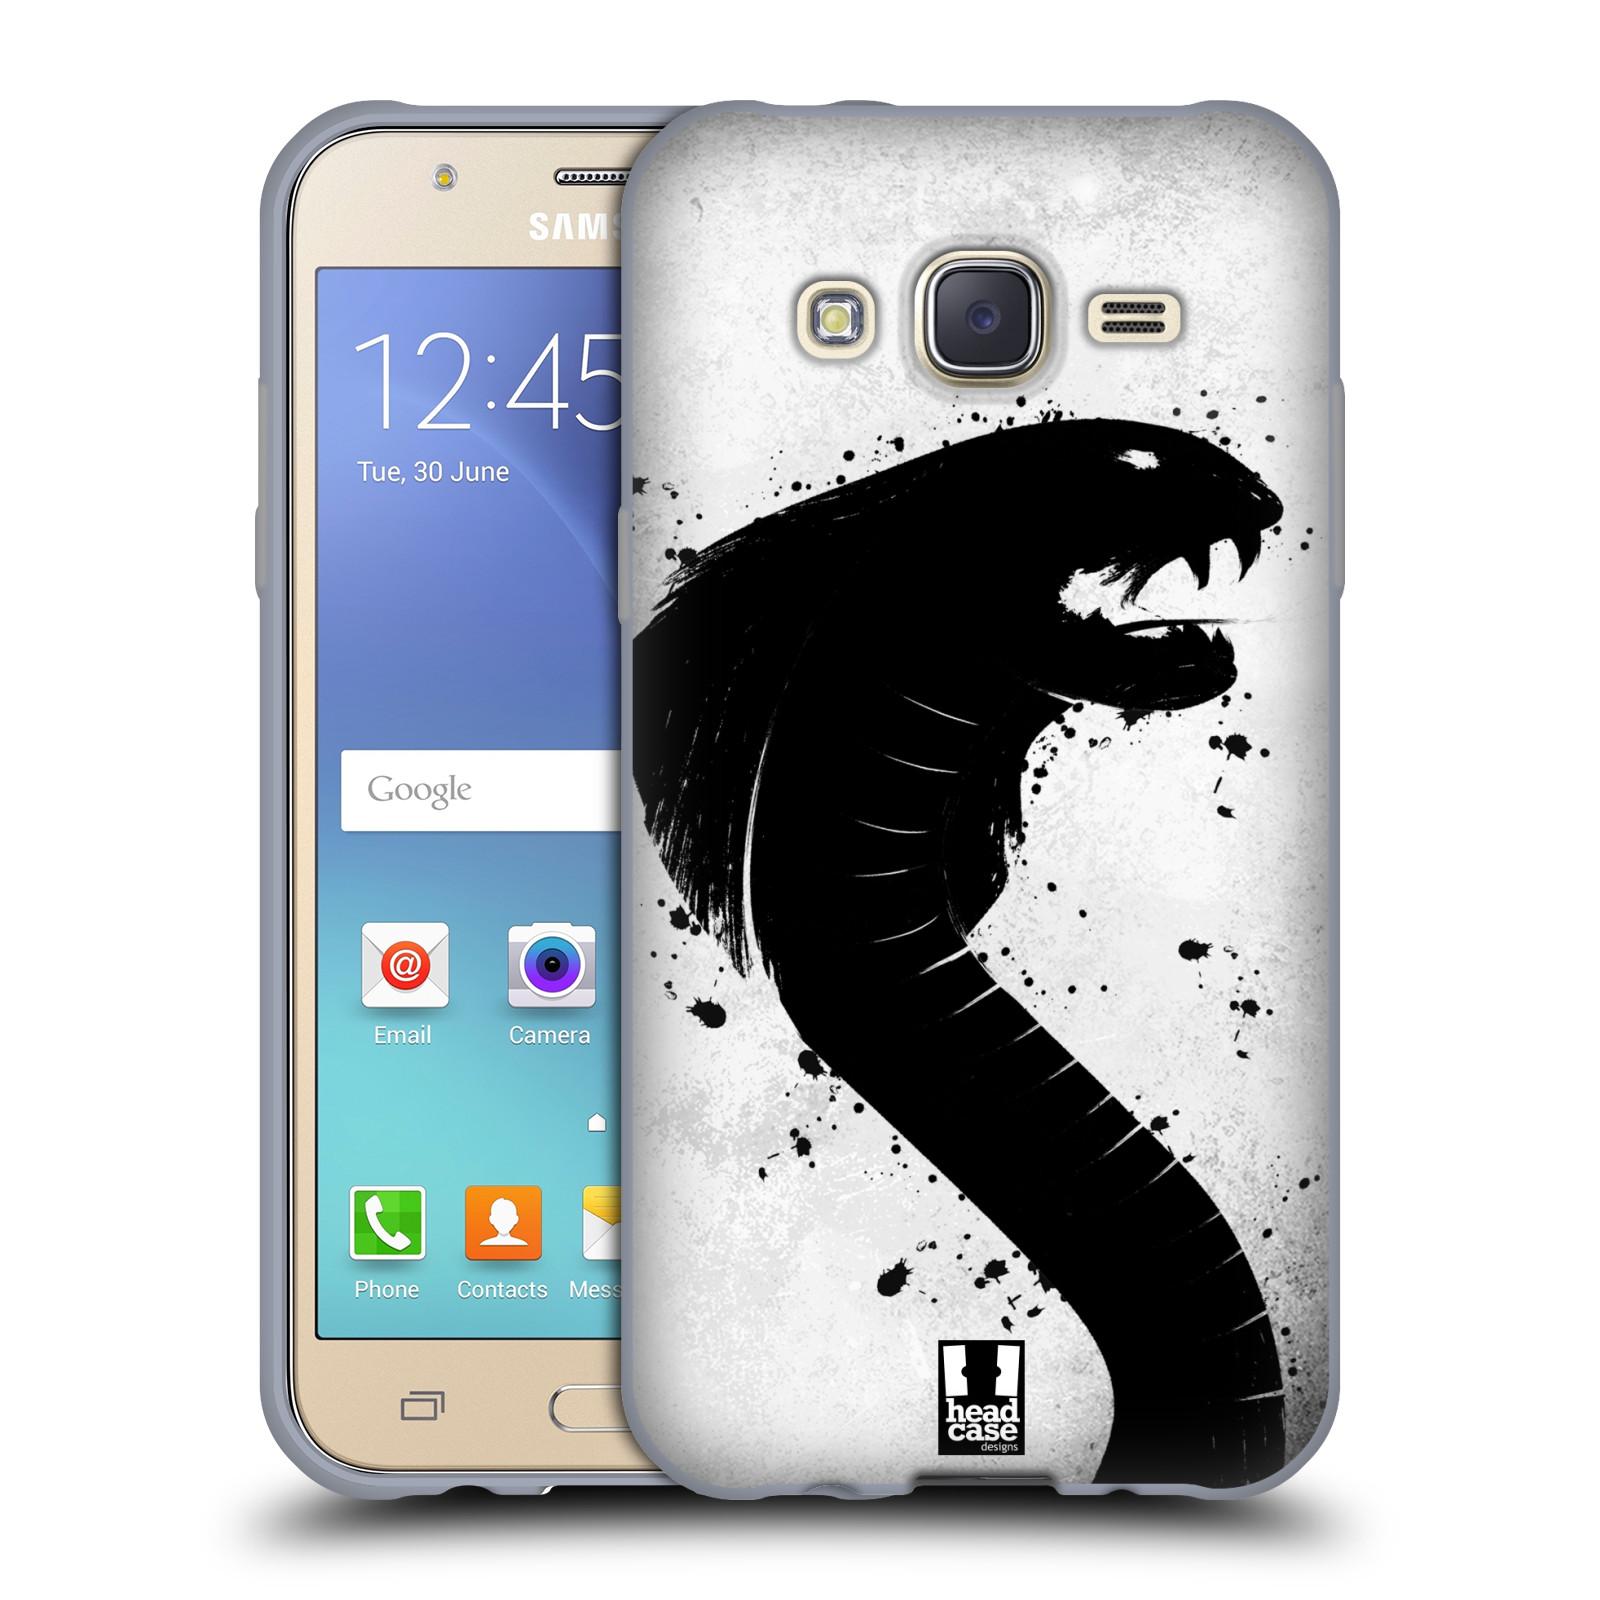 HEAD CASE silikonový obal na mobil Samsung Galaxy J5, J500, (J5 DUOS) vzor Kresba tuš zvíře had kobra